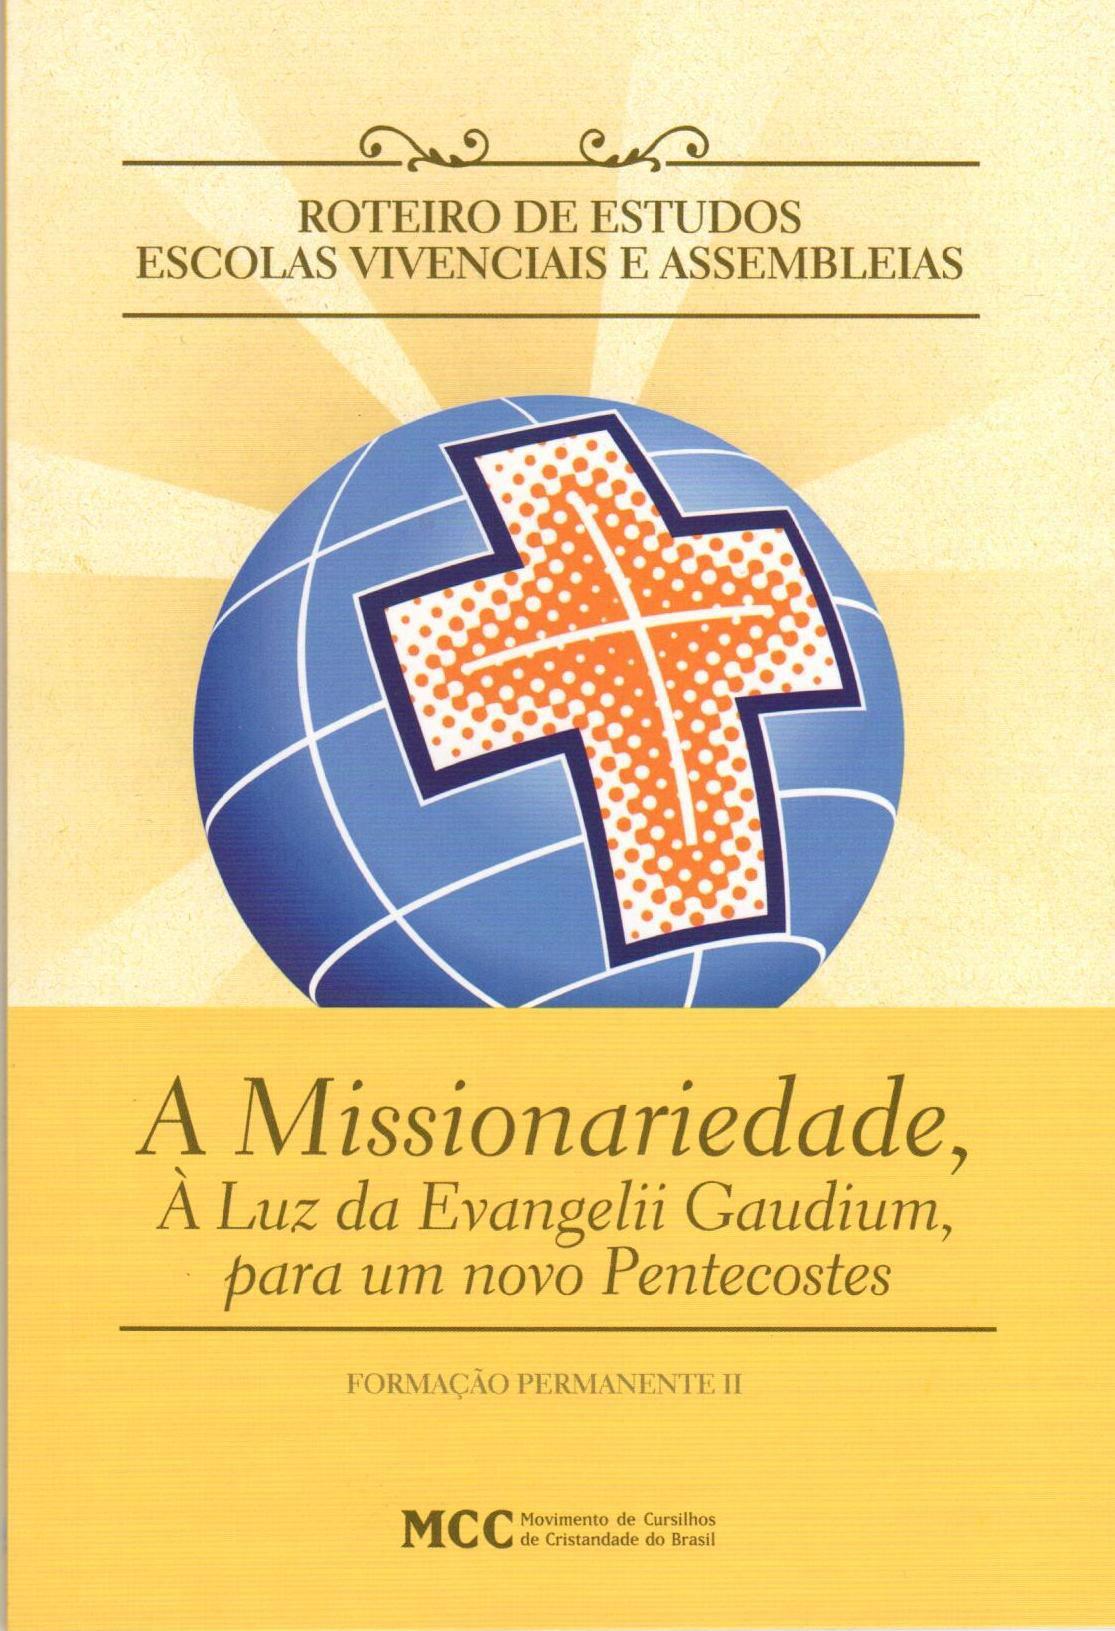 FORMAÇÃO PERMANENTE KIT - VOLUME I + VOLUME 2 - ROTEIRO DE ESTUDOS ESCOLAS VIVENCIAIS E ASSEMBLEIAS  - Cursilho